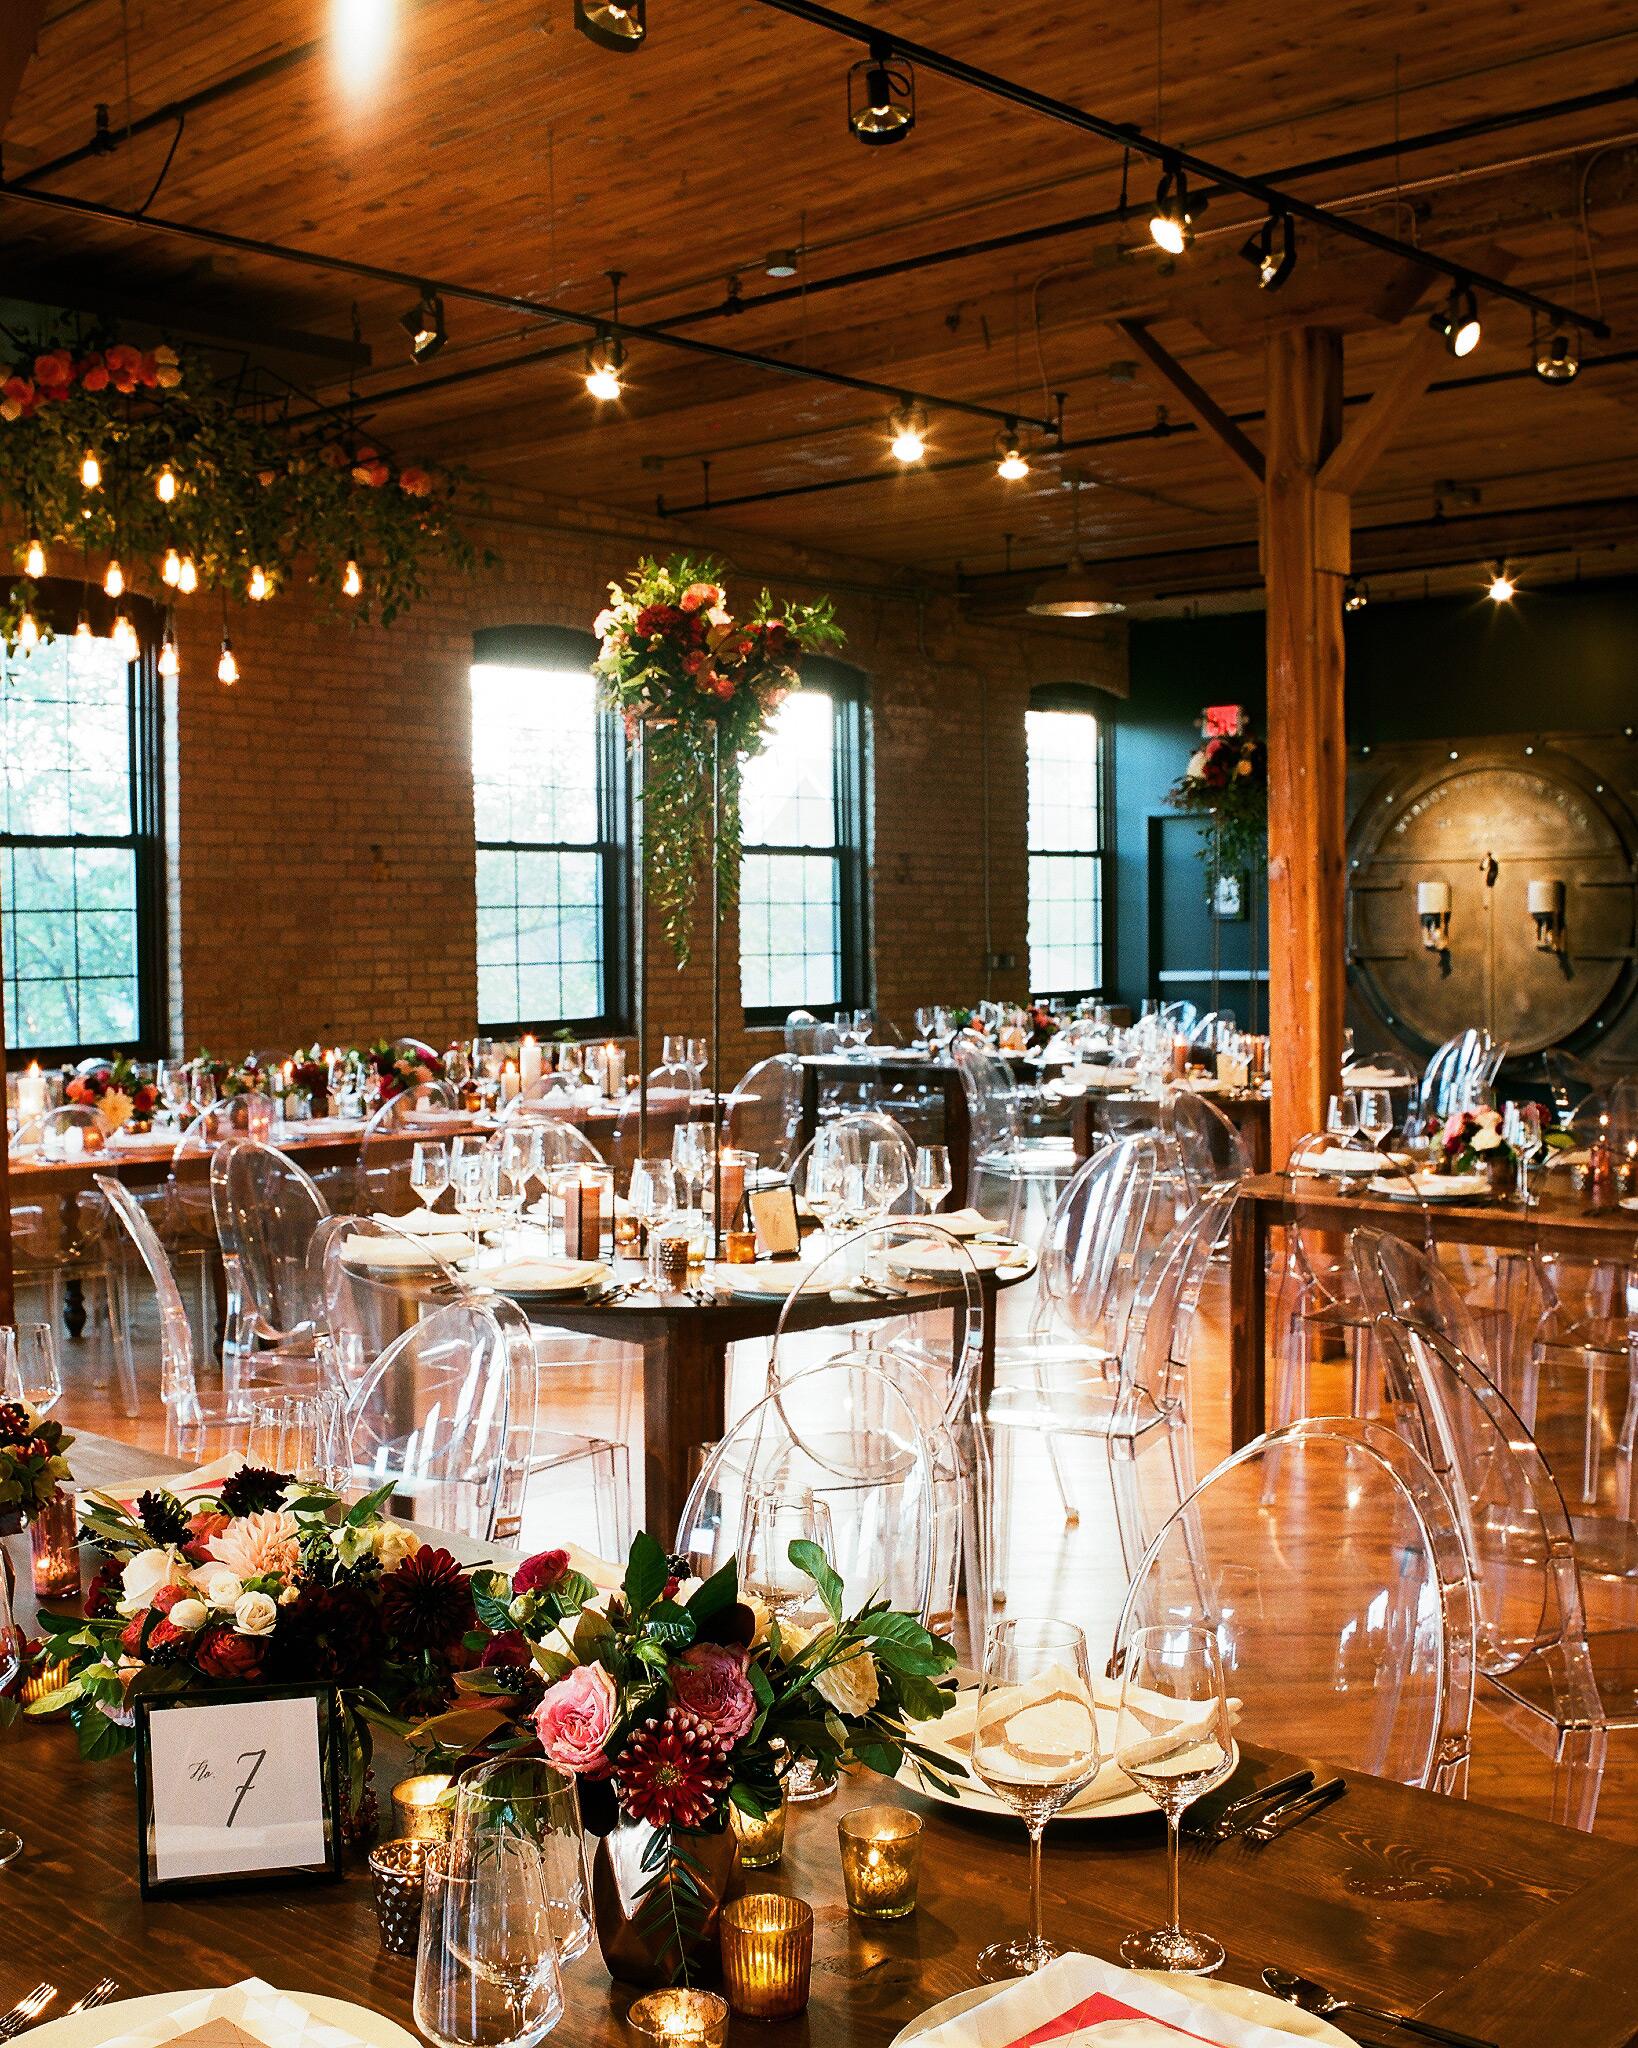 maddy-mike-wedding-reception-567.9736.11.2015.49-6134174-0716.jpg